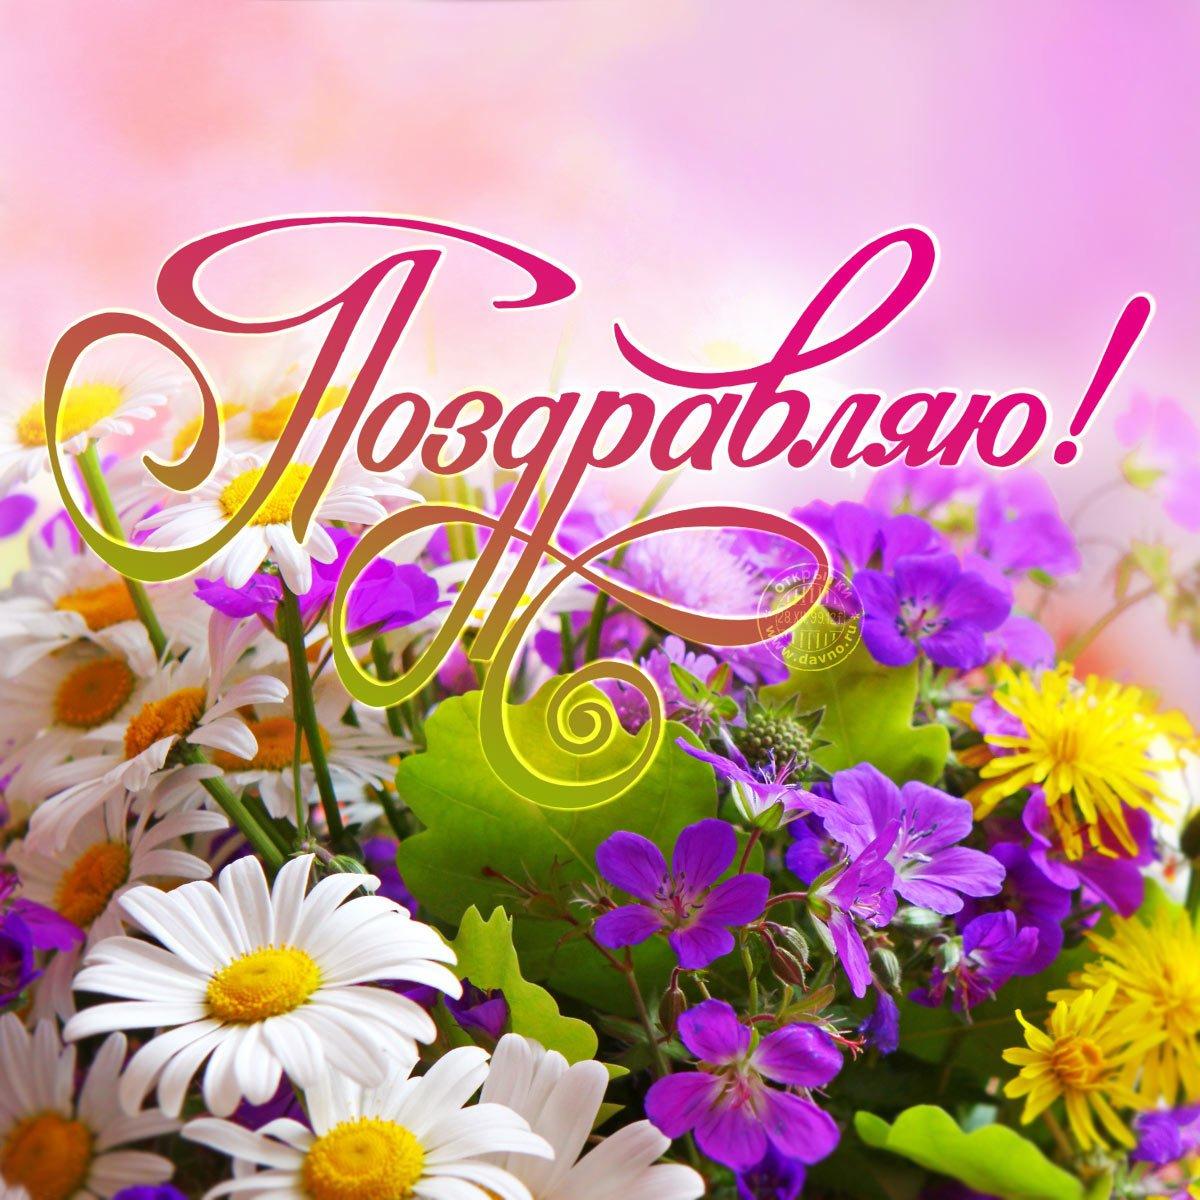 Картинка с цветами с надписью поздравляю, смайлики